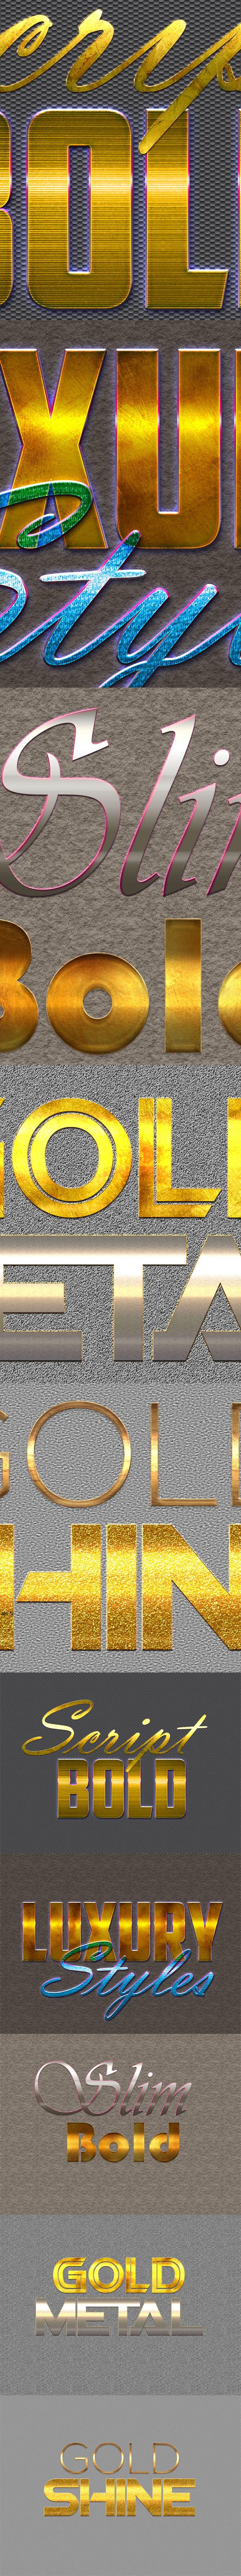 10 3D Text Styles D_63 - Styles Photoshop